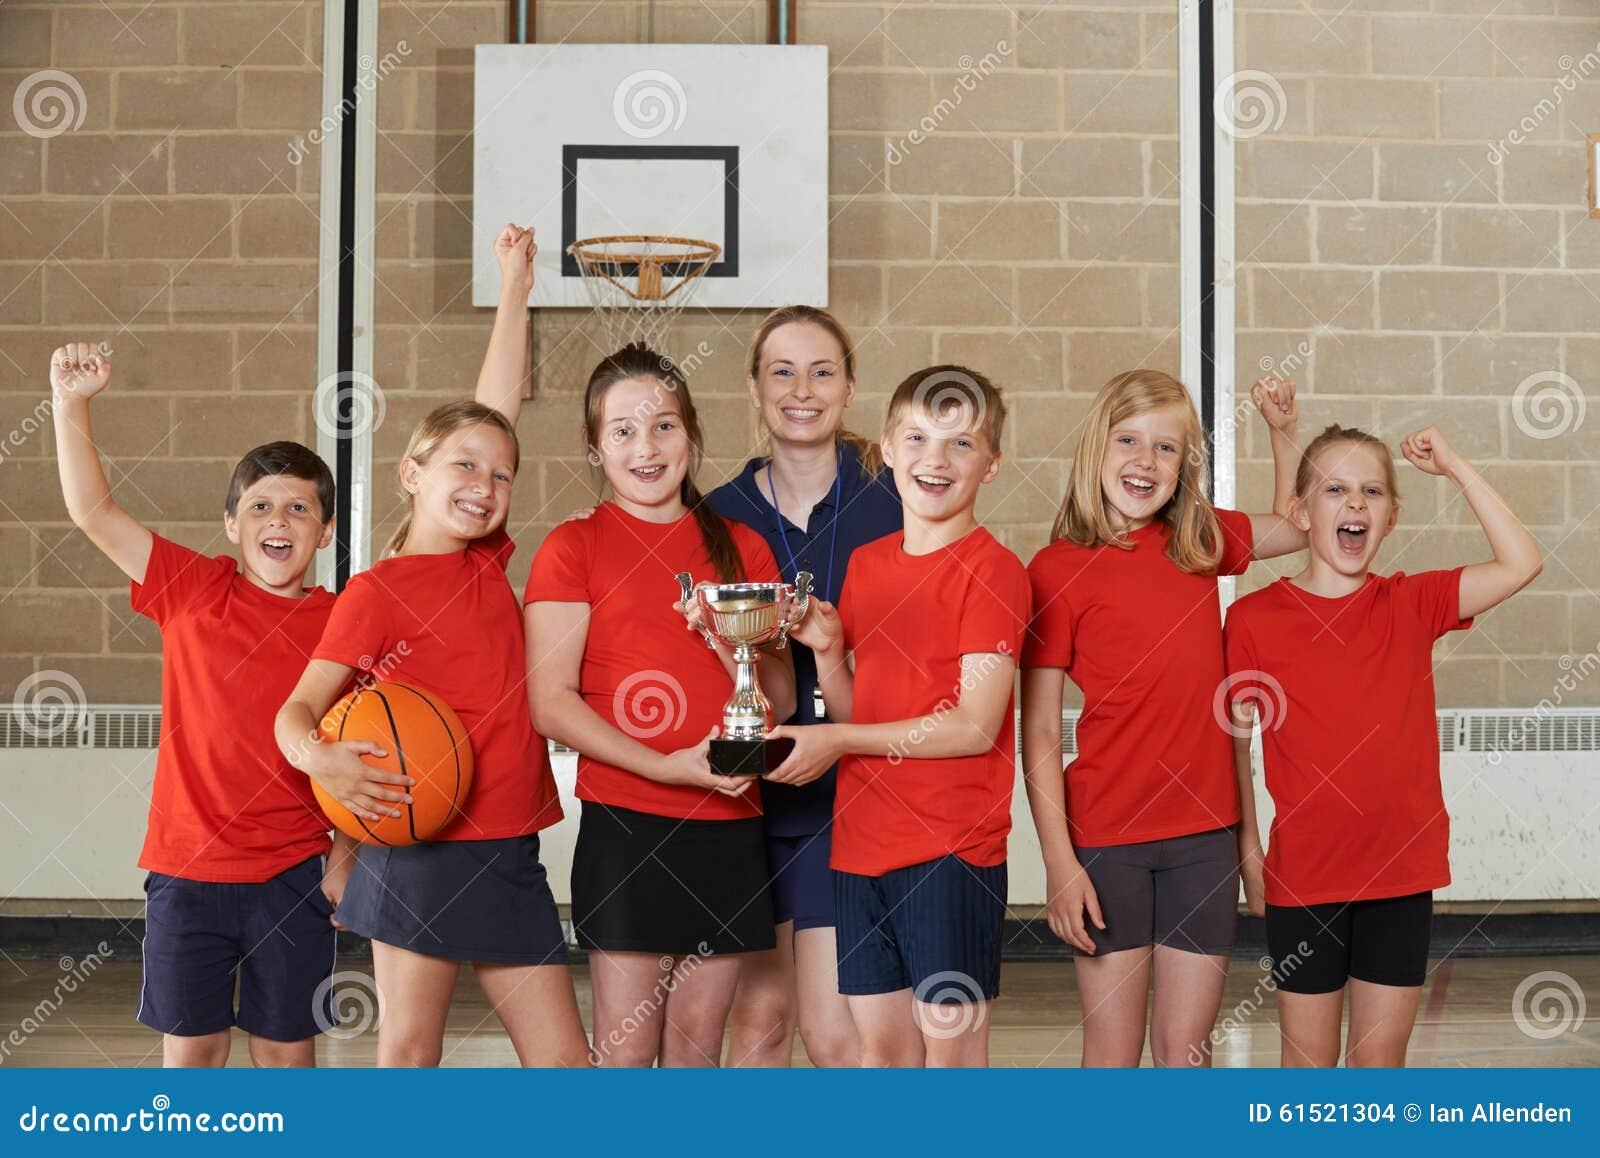 Zegevierende Schoolsporten Team With Trophy In Gym